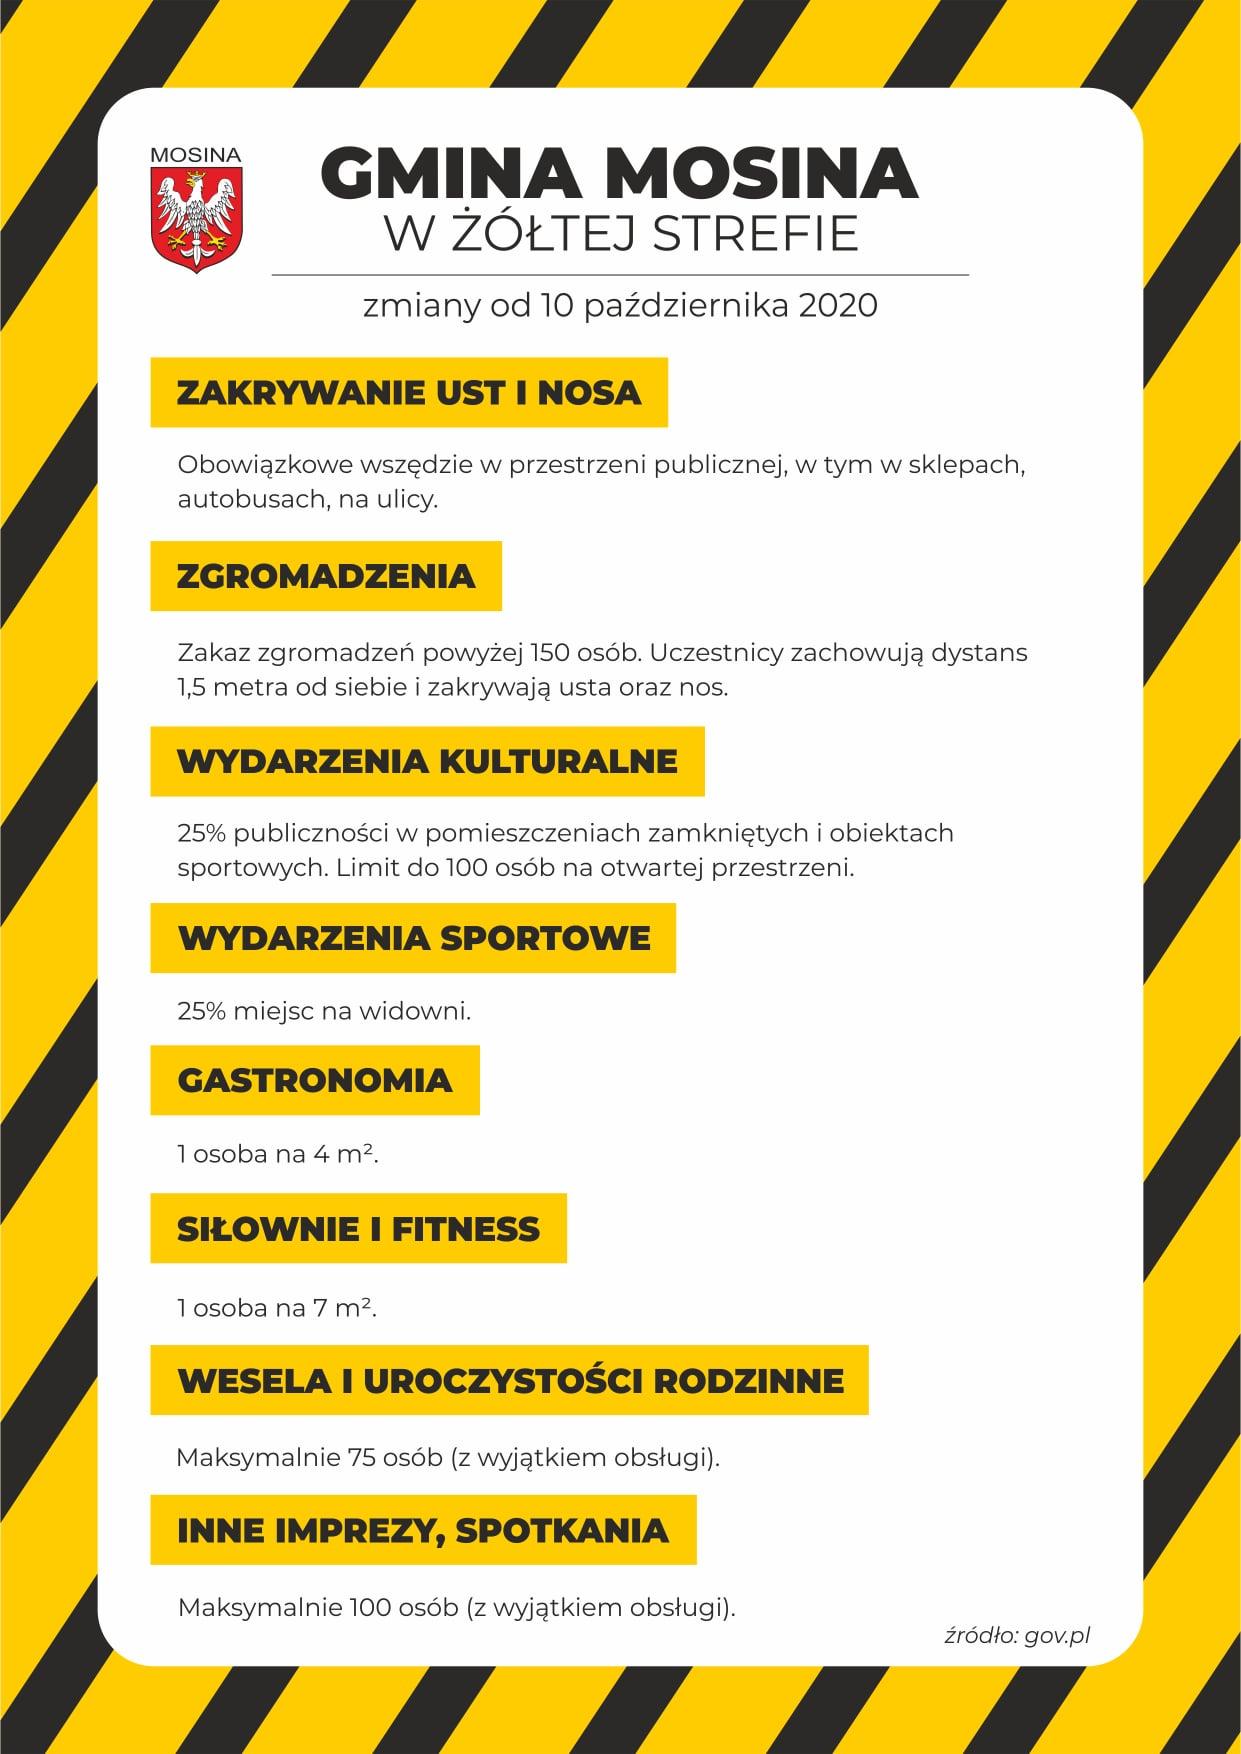 Gmina Mosina w żółtej strefie